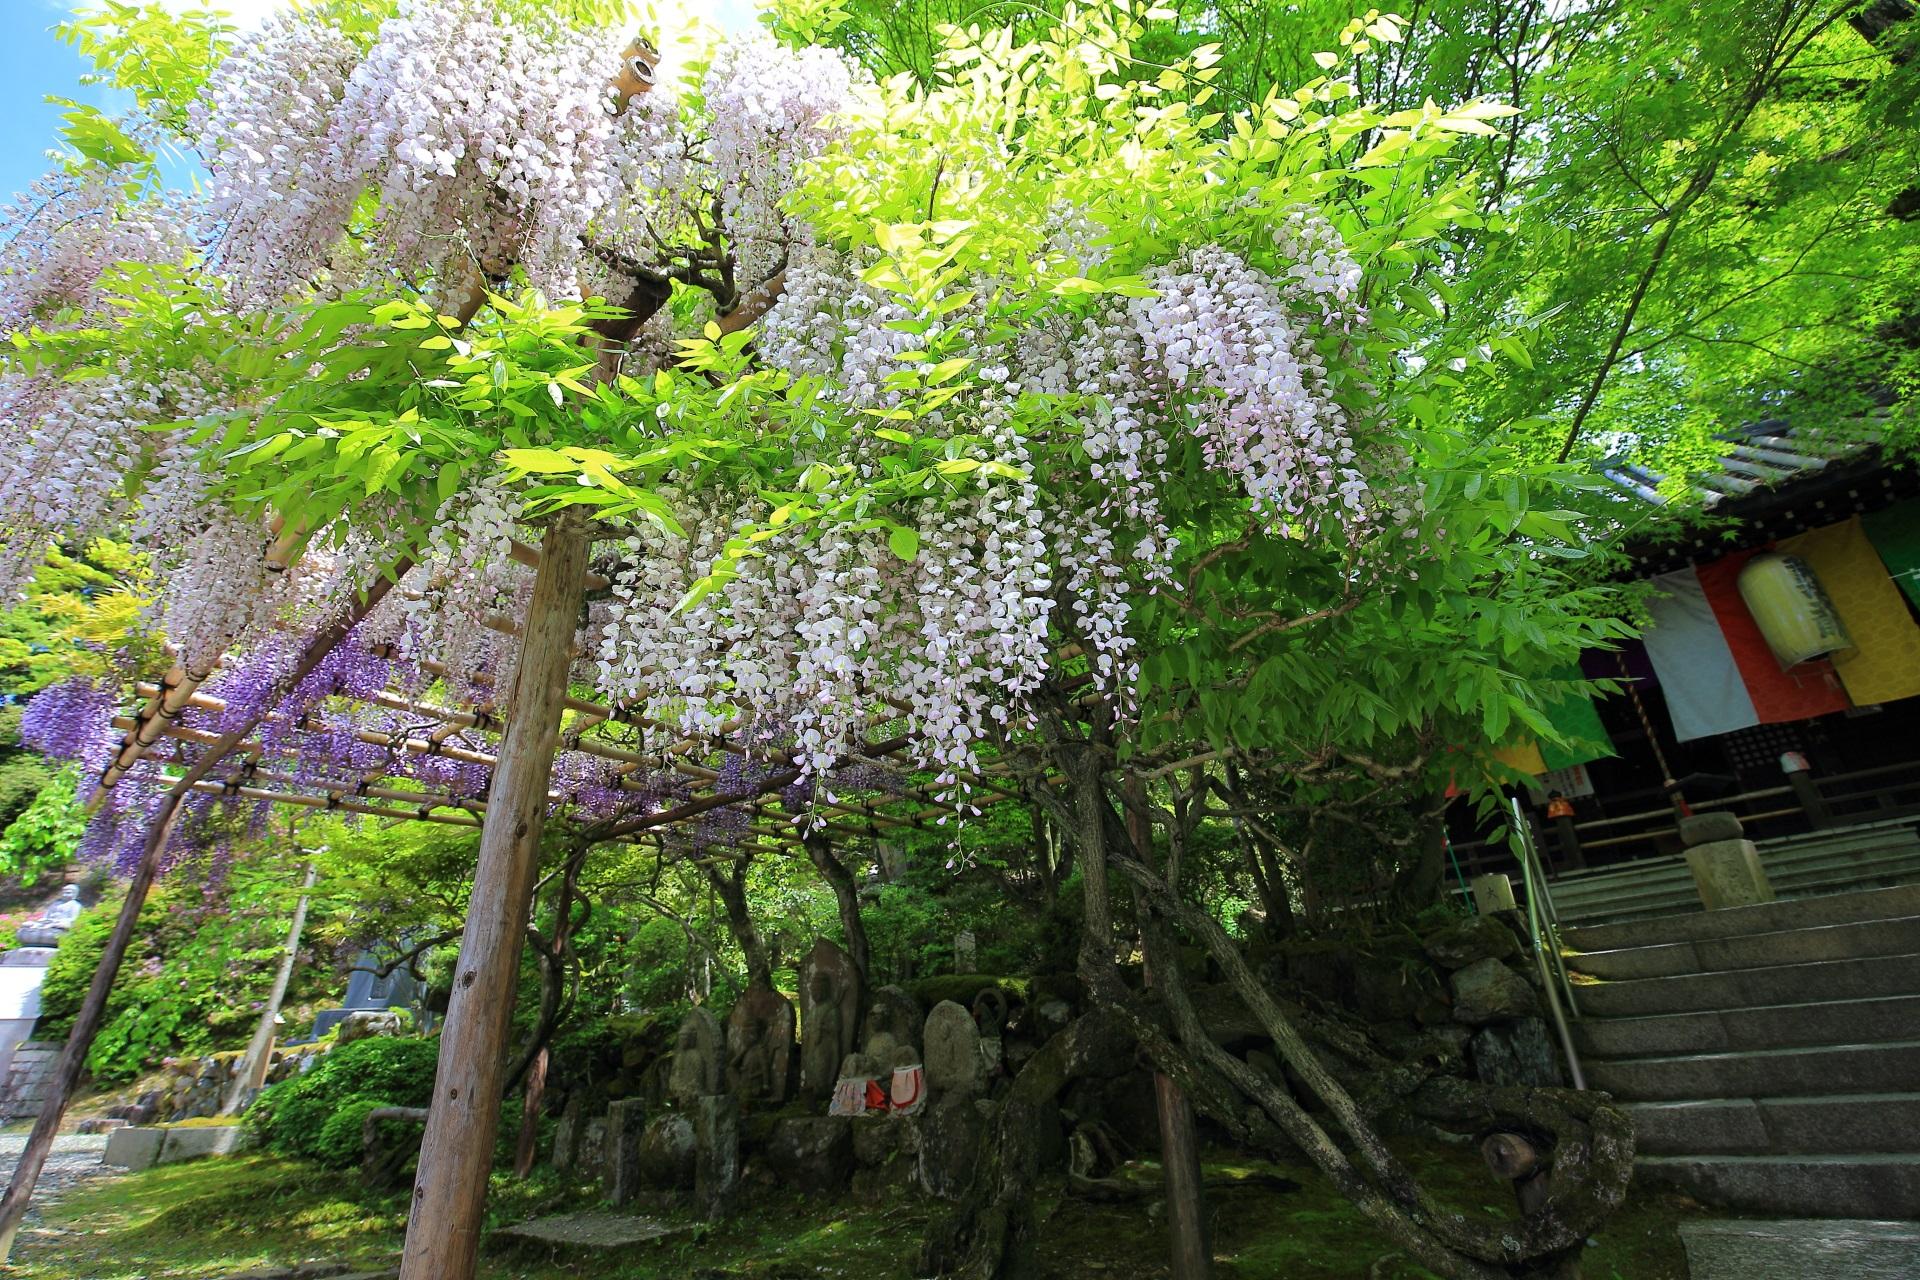 今熊野観音寺 藤 紫と白の春の彩り